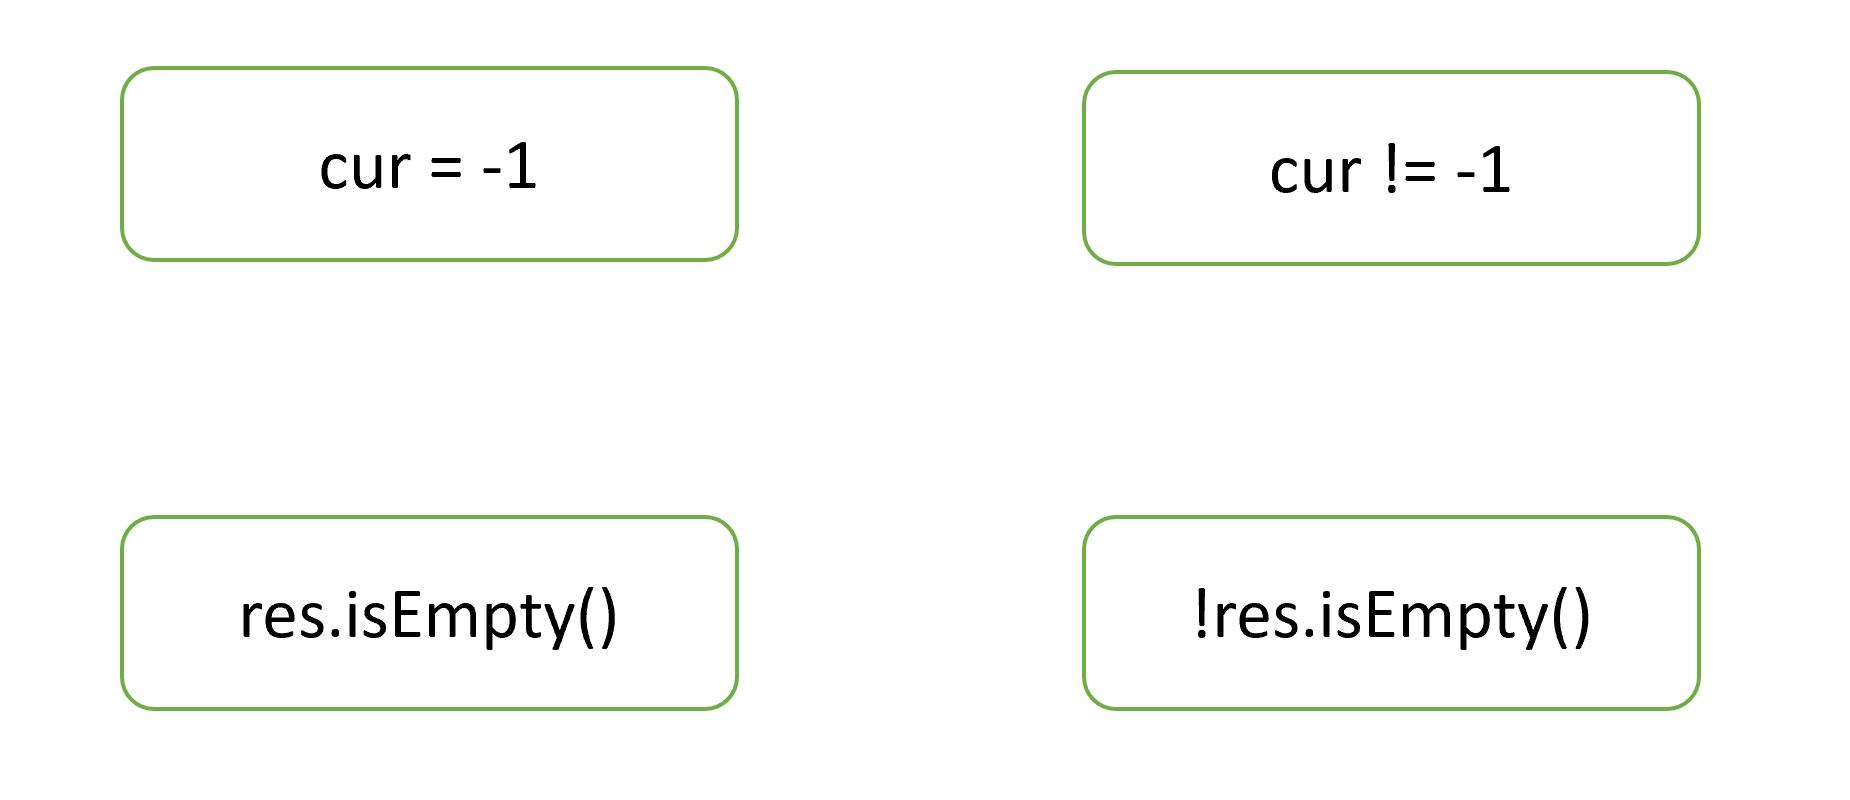 Статический анализ IntelliJ IDEA против человеческого разума - 2